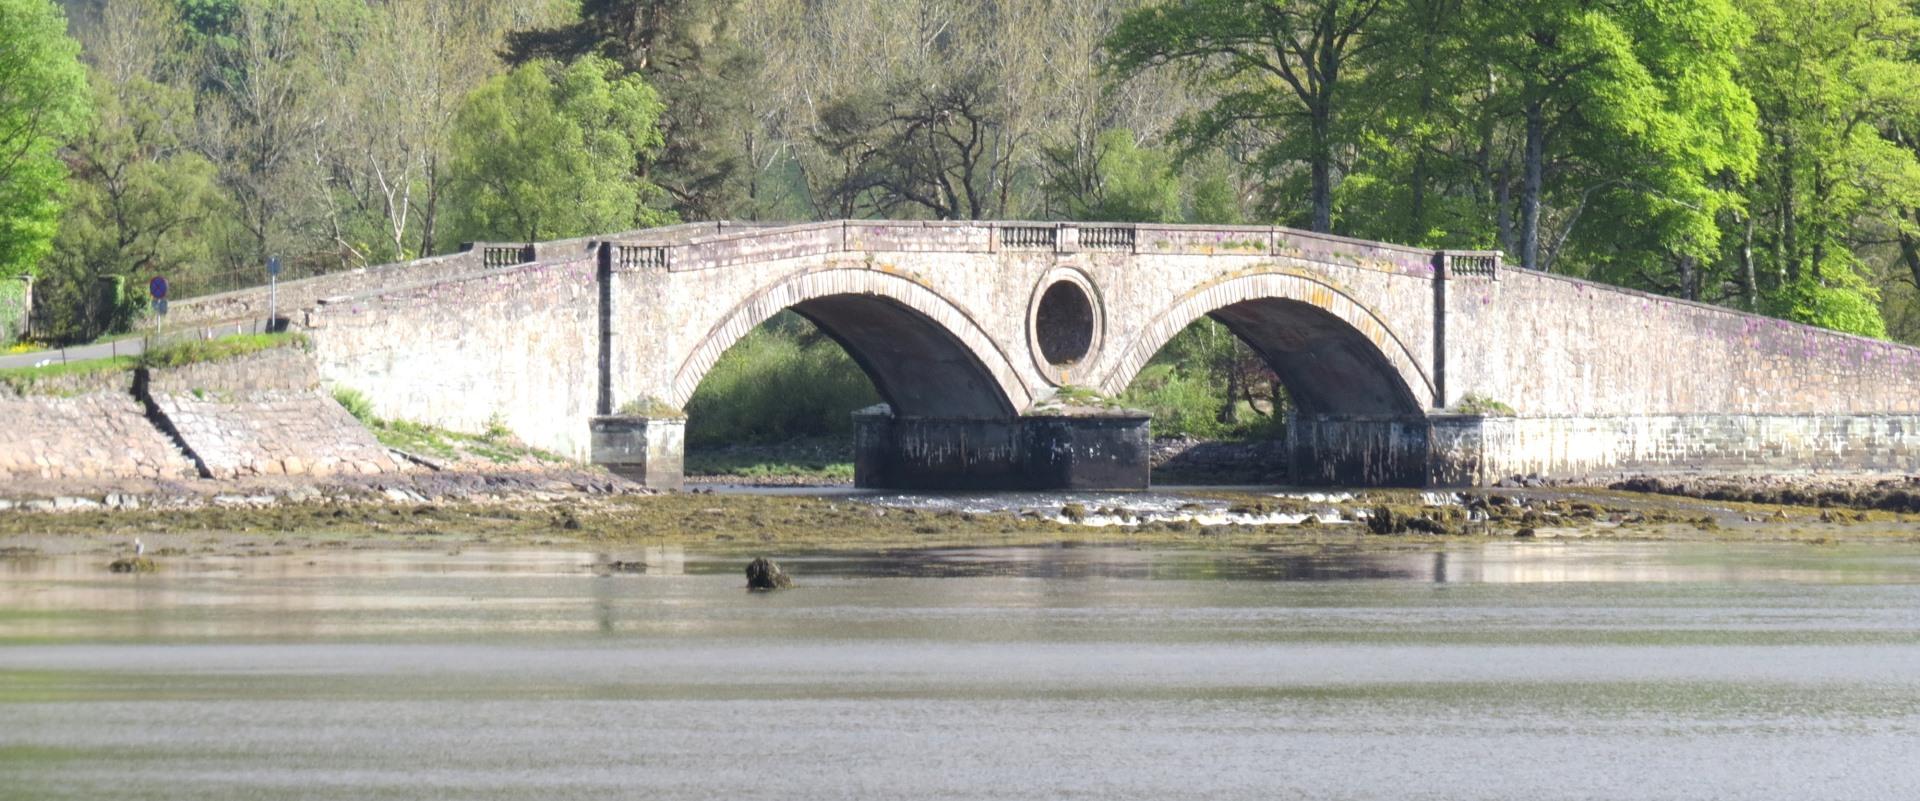 Schottland-Rundfahrt aus Anlass meines 70. Geburtstags